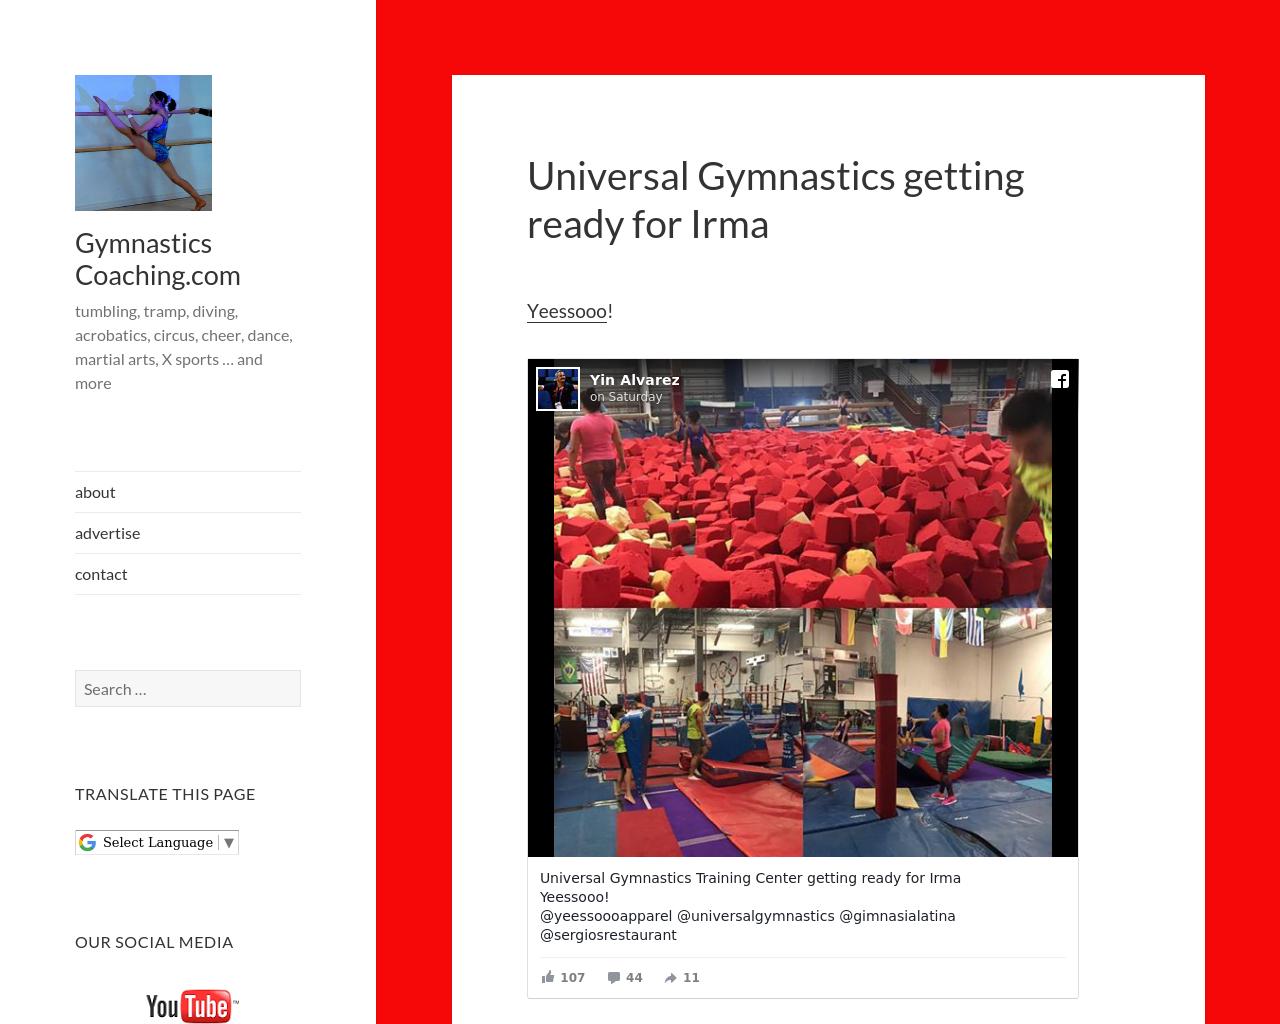 gymnasticscoaching.com-Advertising-Reviews-Pricing